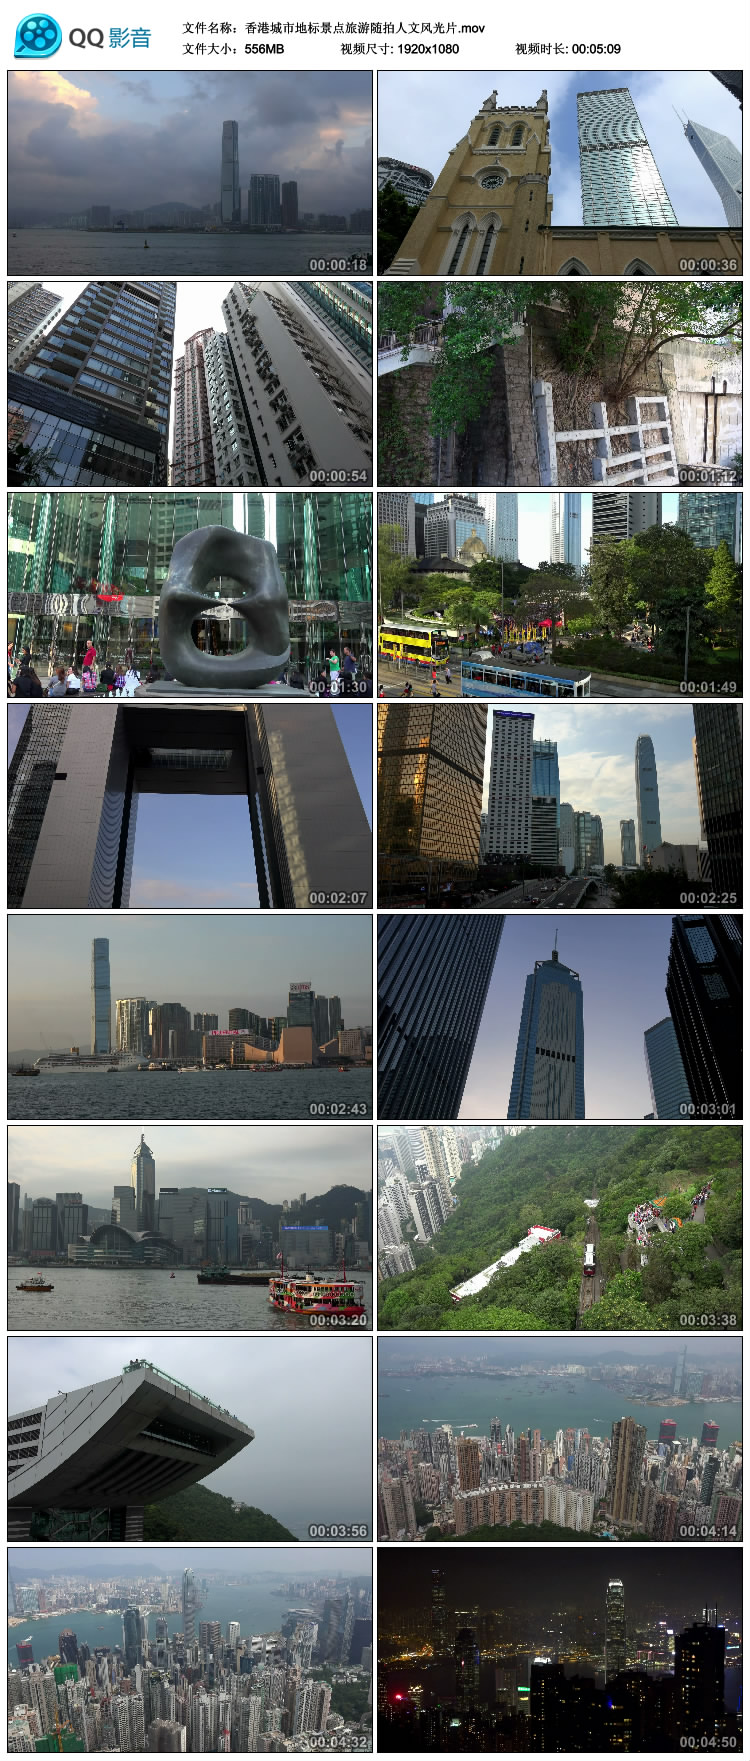 香港城市地标旅游景点随拍人文风光城市发展高清实拍视频素材